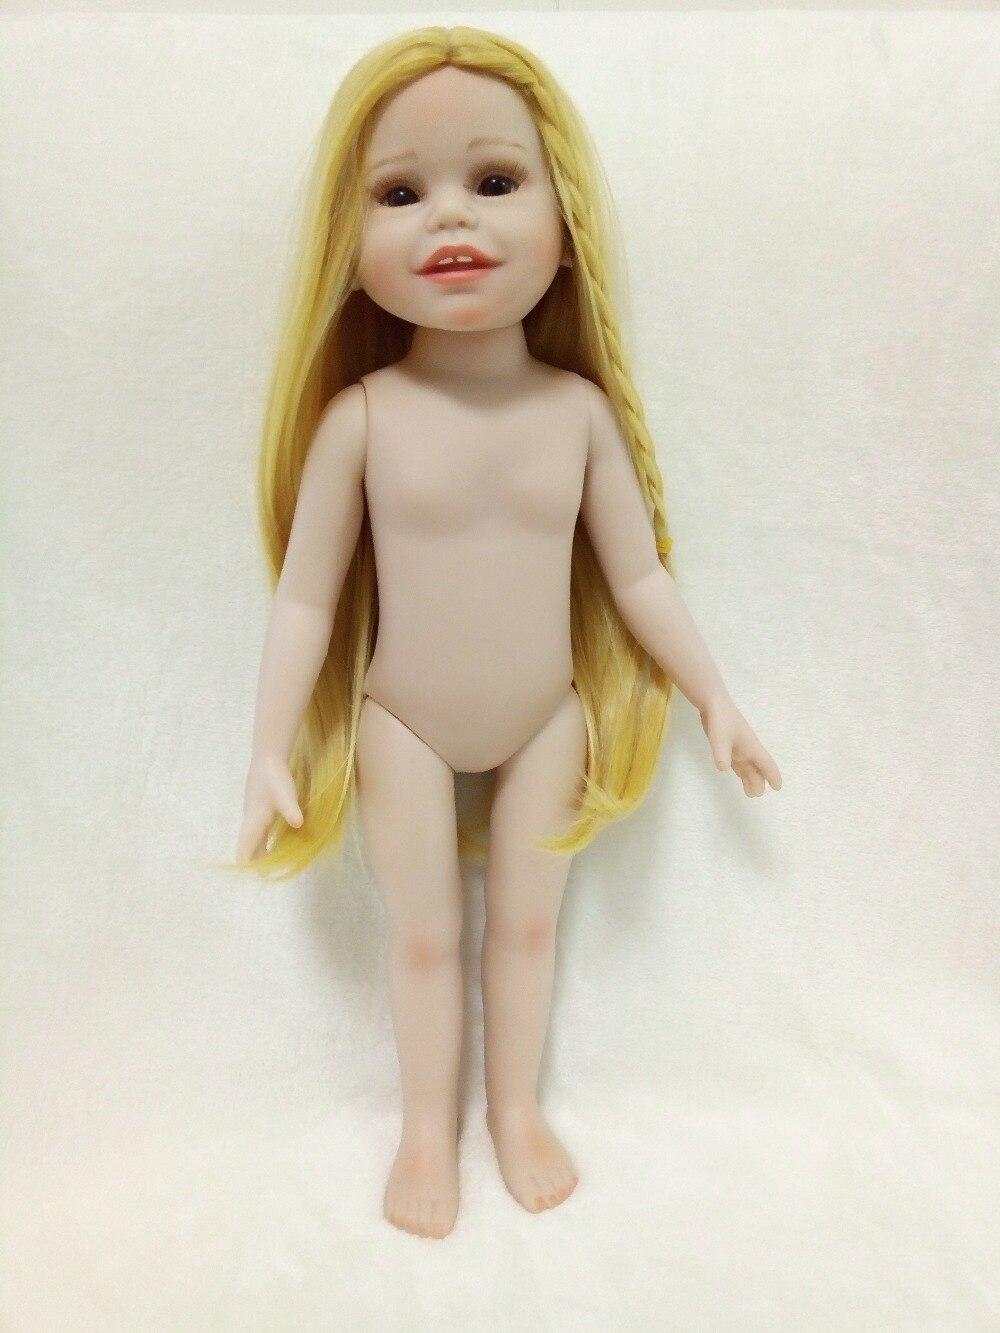 86fad704fc072 Vente 45 cm dur vinyle poupée jouets pour enfants 18 pouce plein corps en  silicone reborn bébé vivant poupées brinquedo faire up pour DIY Pas Cher En  Ligne.